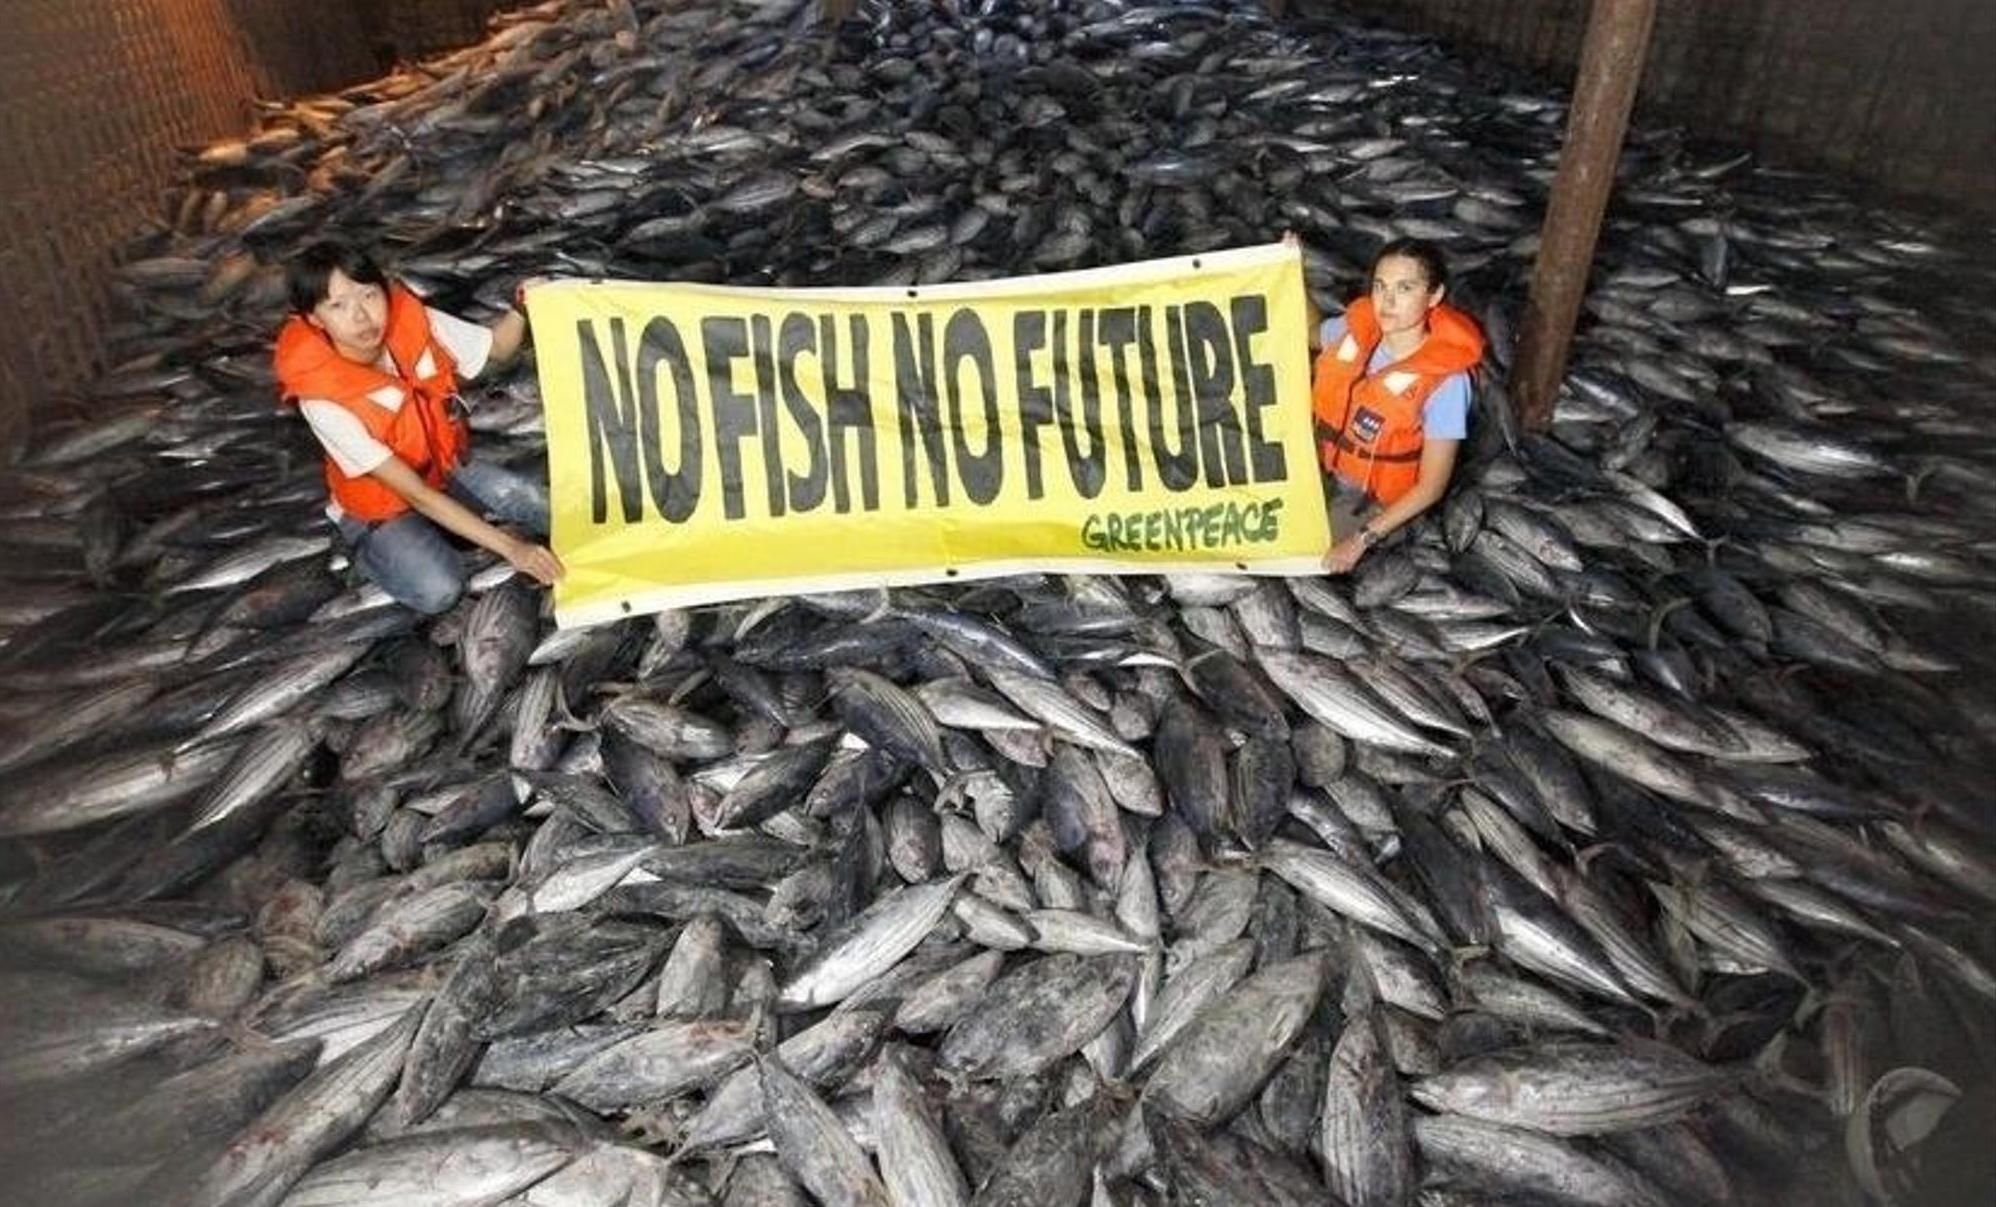 Umweltverbände wie Greenpeace warnen seit Jahren, dass manche Thunfischbestände überfischt seien und beim Fang unter anderem auch Meeresschildkröten oder Albatrosse getötet würden. Dadurch entsteht ein ökologisches Ungleichgewicht. epa/Alex Hofford